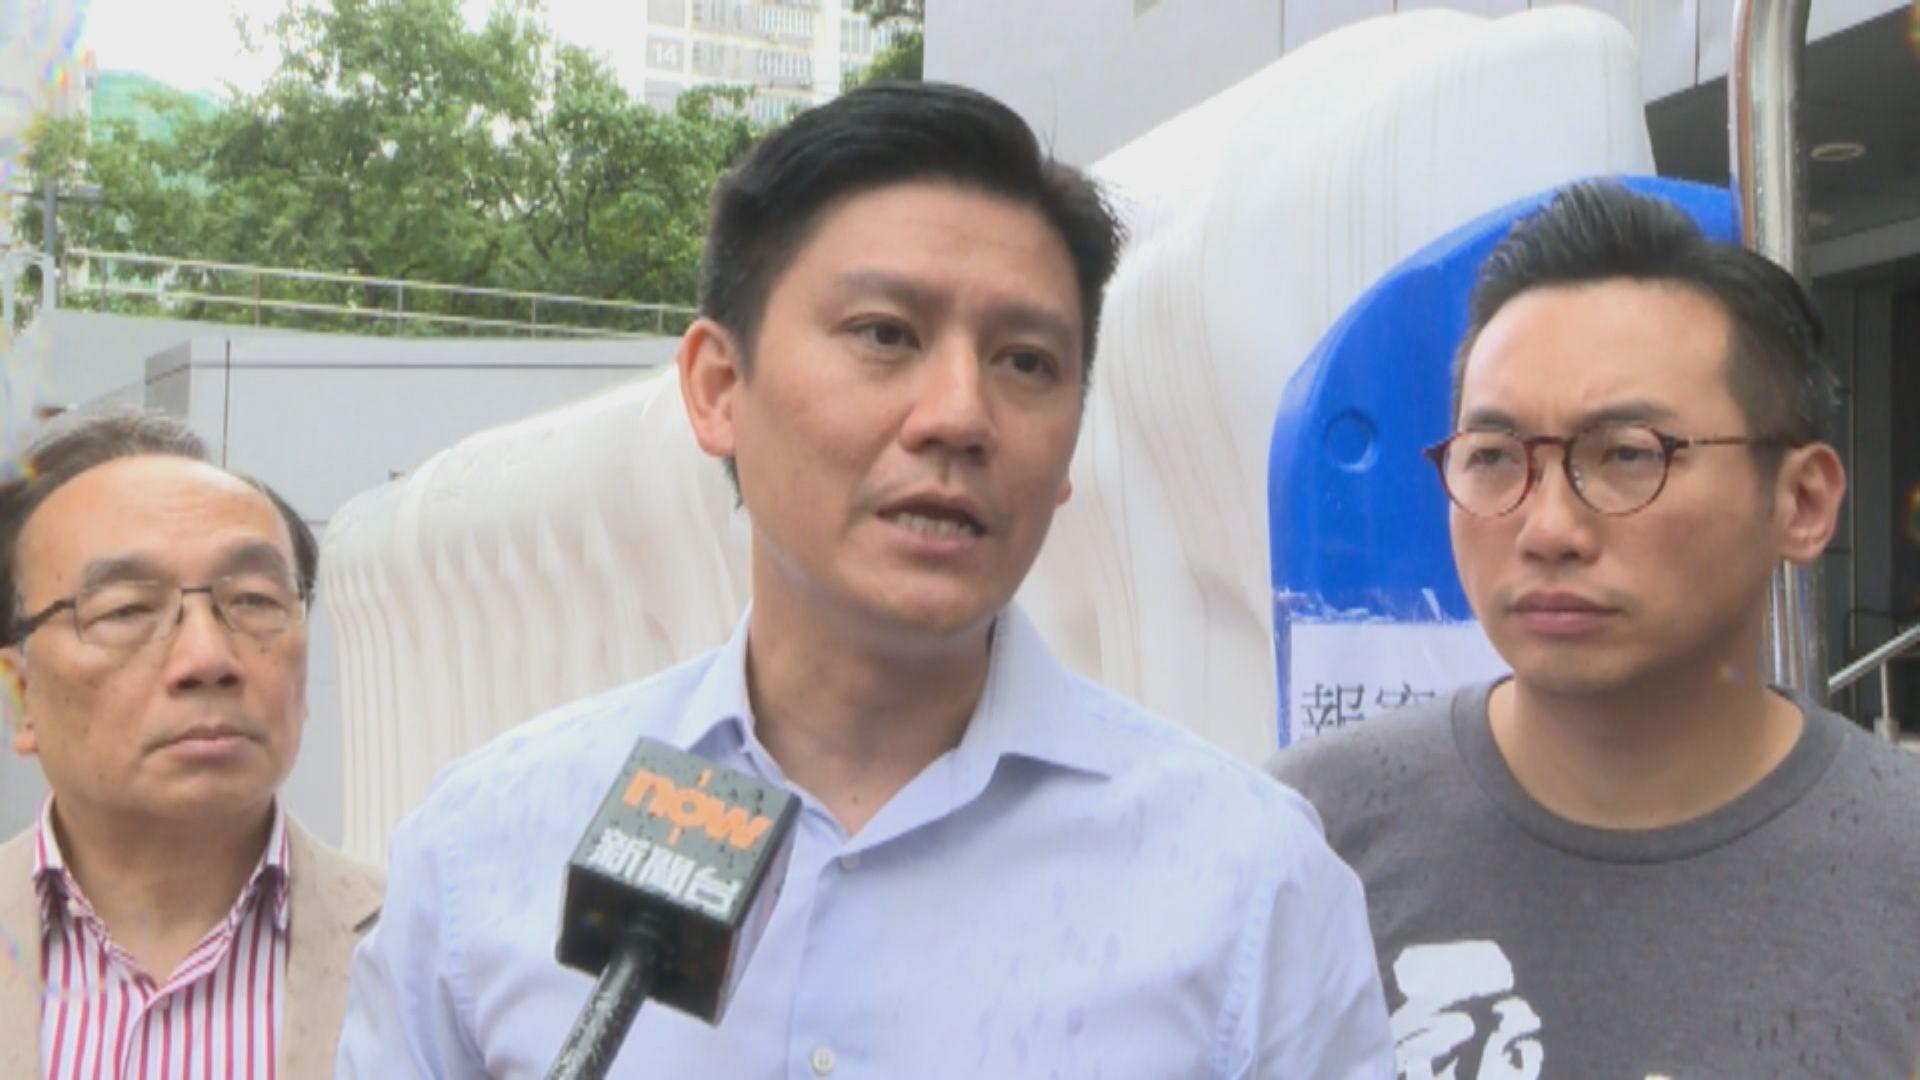 譚文豪獲保釋 質疑遭政治檢控